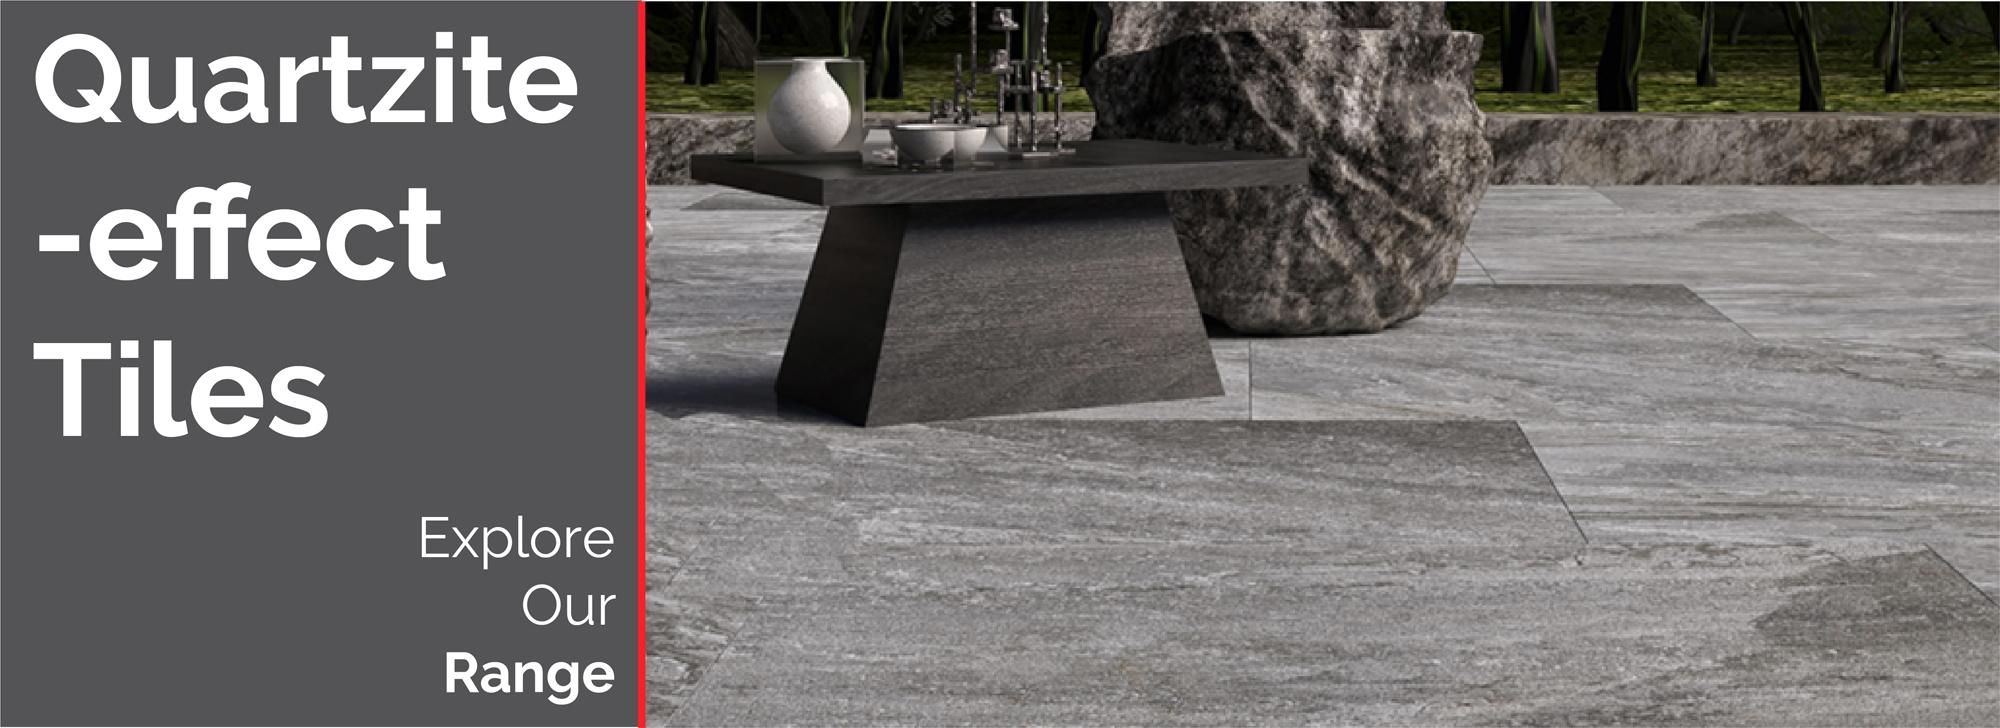 Quartzite-Effect Tiles